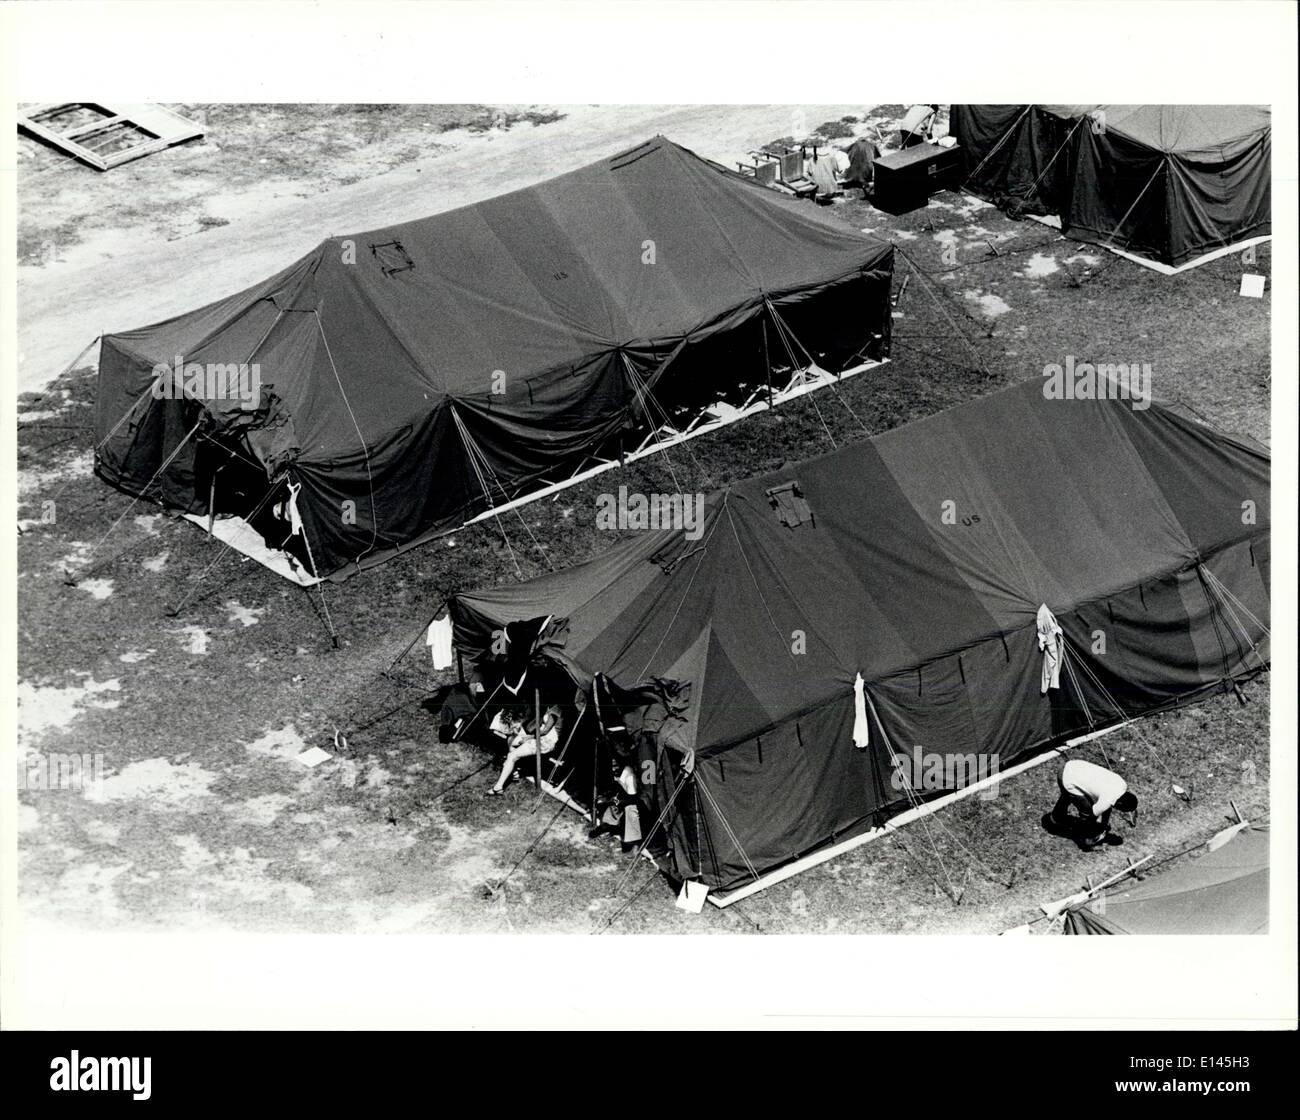 Avril 04, 2012 - Tent City, le parc des expositions à Fort Walton Beach en Floride. Le centre de traitement pour les réfugiés cubains envoyés à partir de Banque D'Images